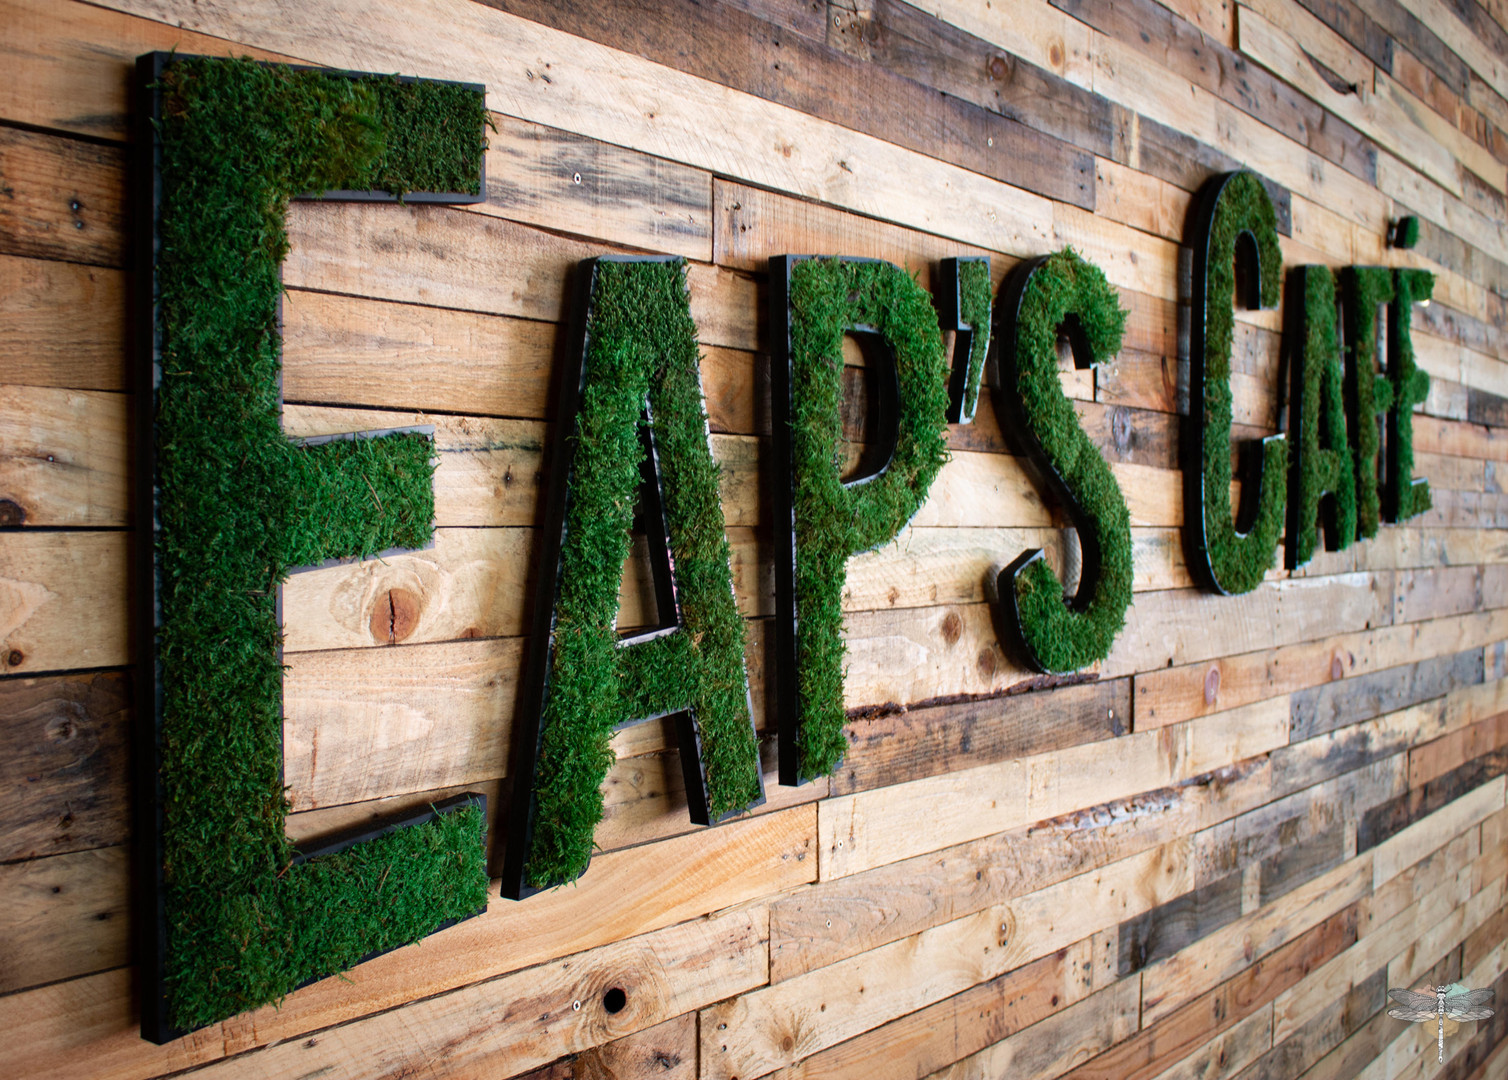 Agencement et décoration du restaurant industriel voyage EAP's CAFE par Carnets Libellule. Coralie Vasseur est votre Décoratrice d'intérieur UFDI à Compiegne : logo végétal stabilisé